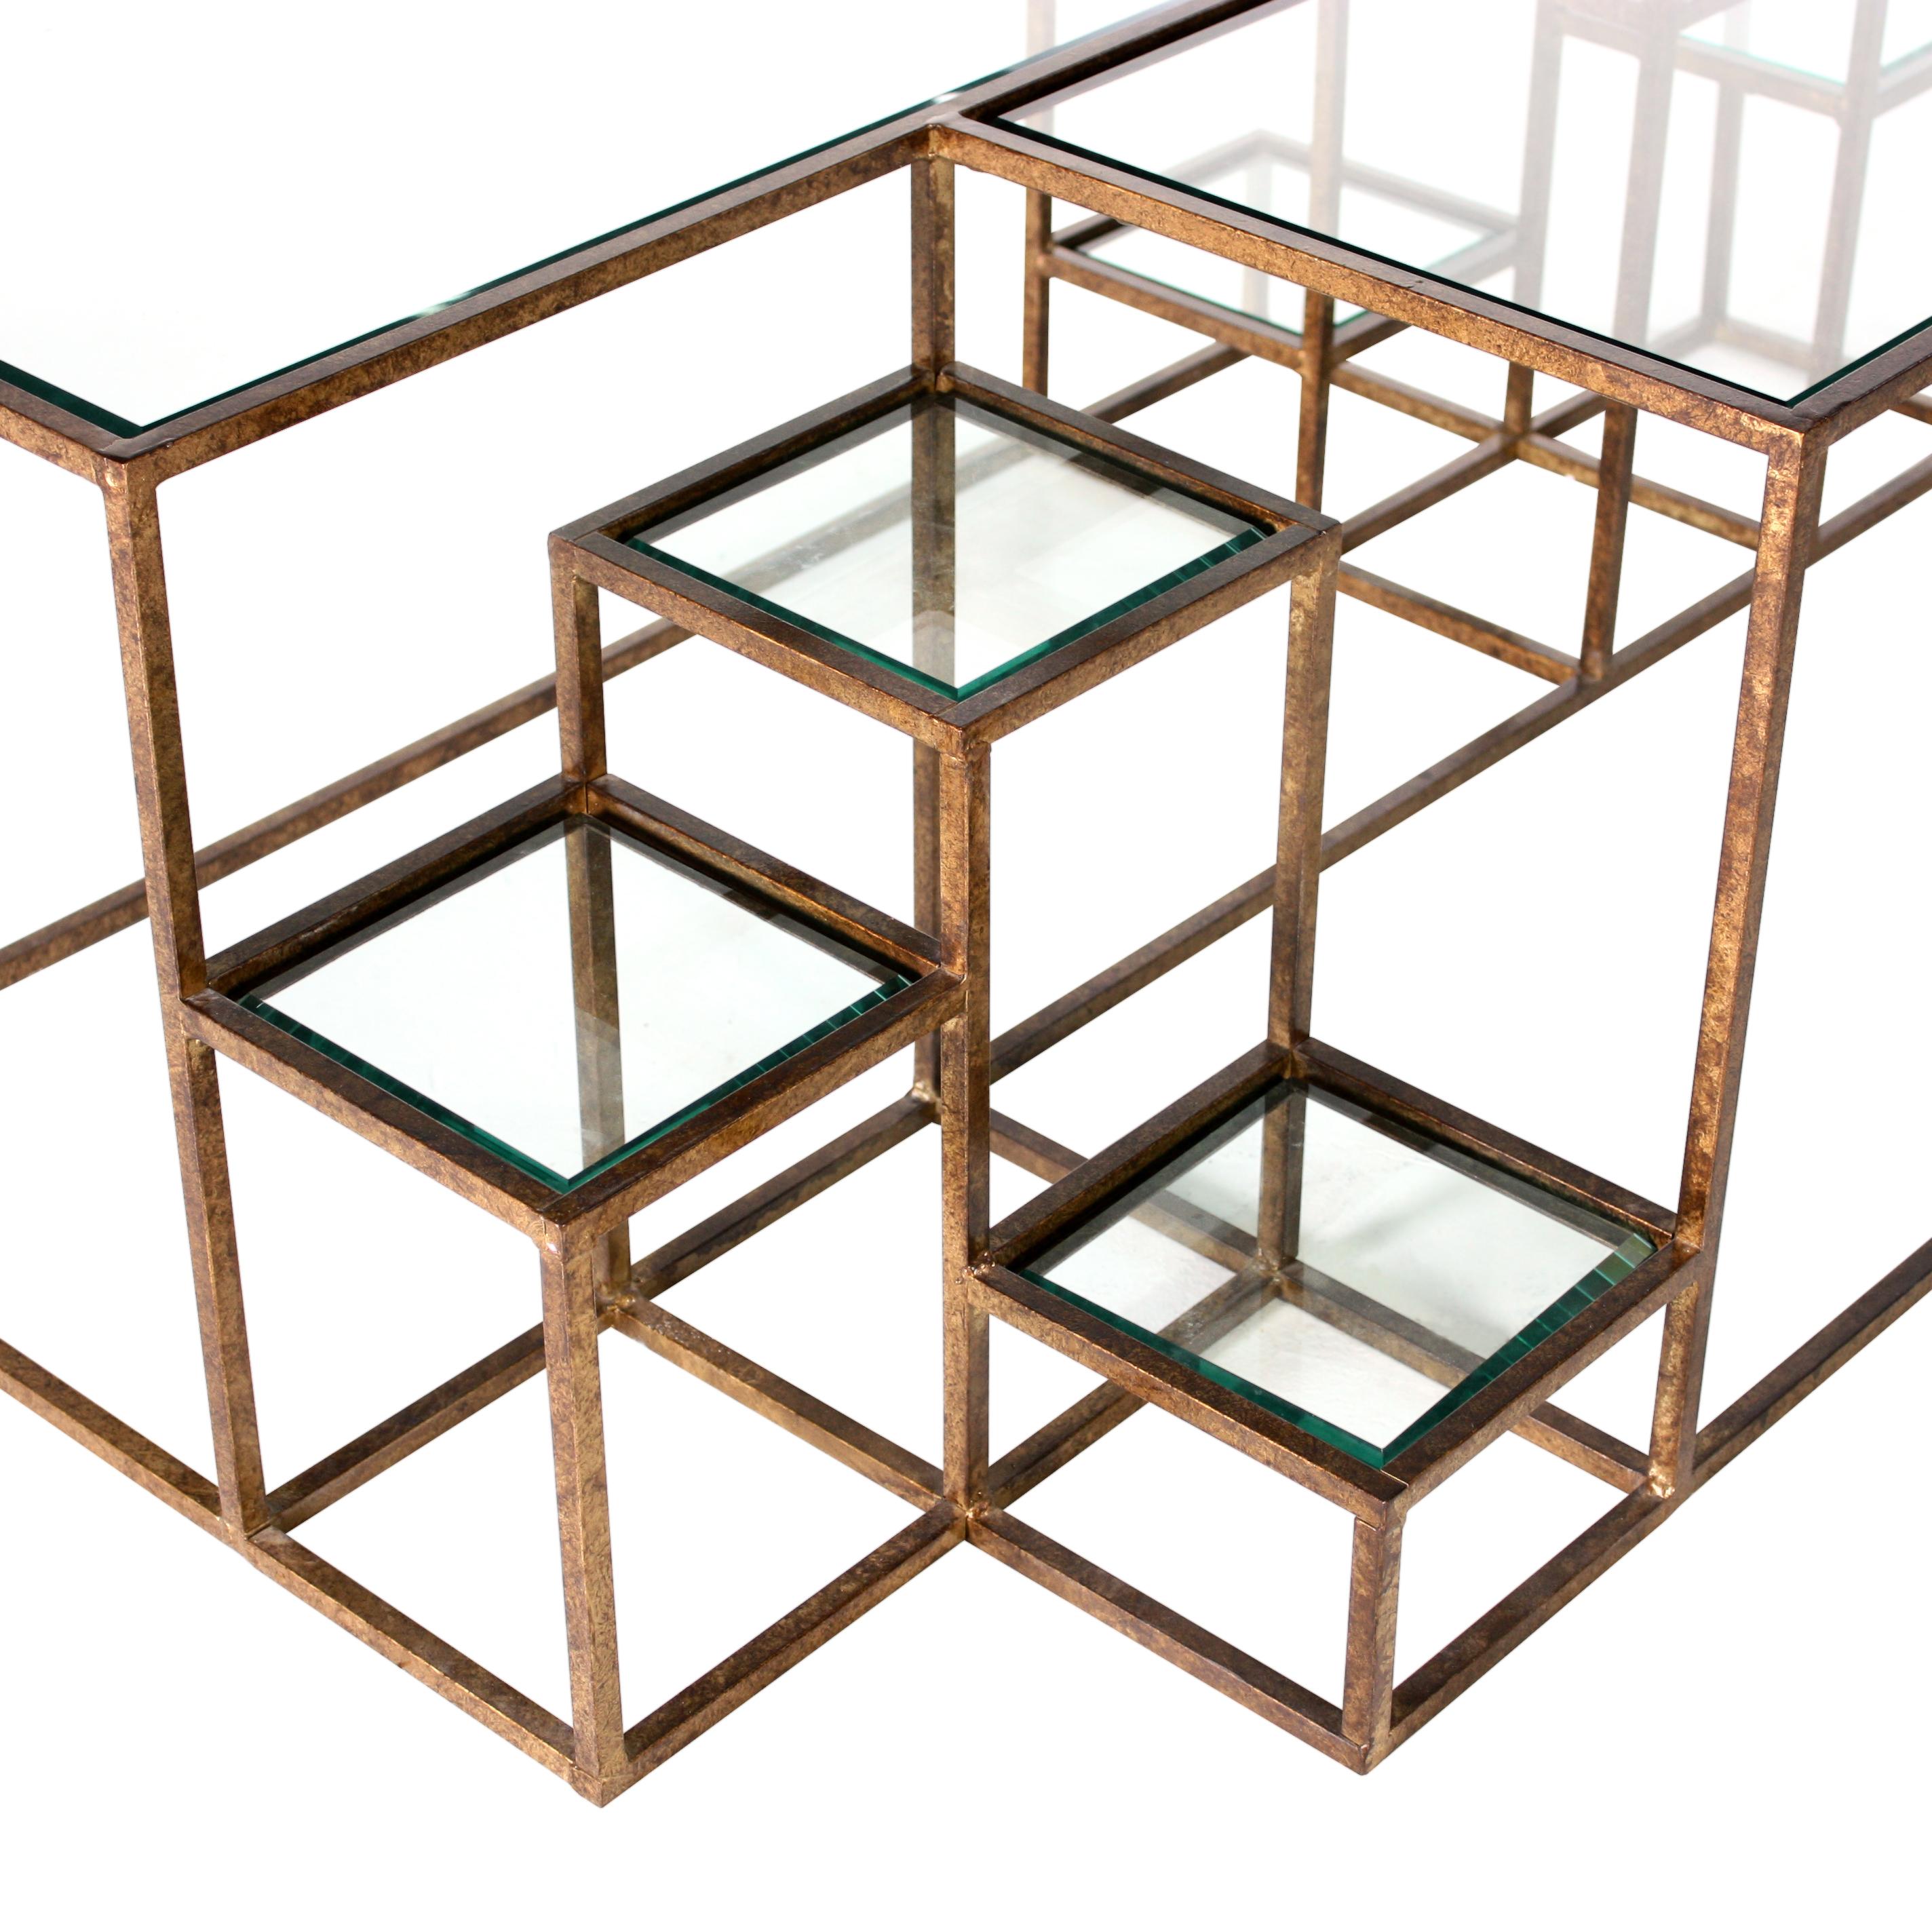 100 Luna Coffee Table Italian Mezza Luna Console  : lr8u3m4022fiu9uees5s from 45.32.79.15 size 2848 x 2848 jpeg 2579kB